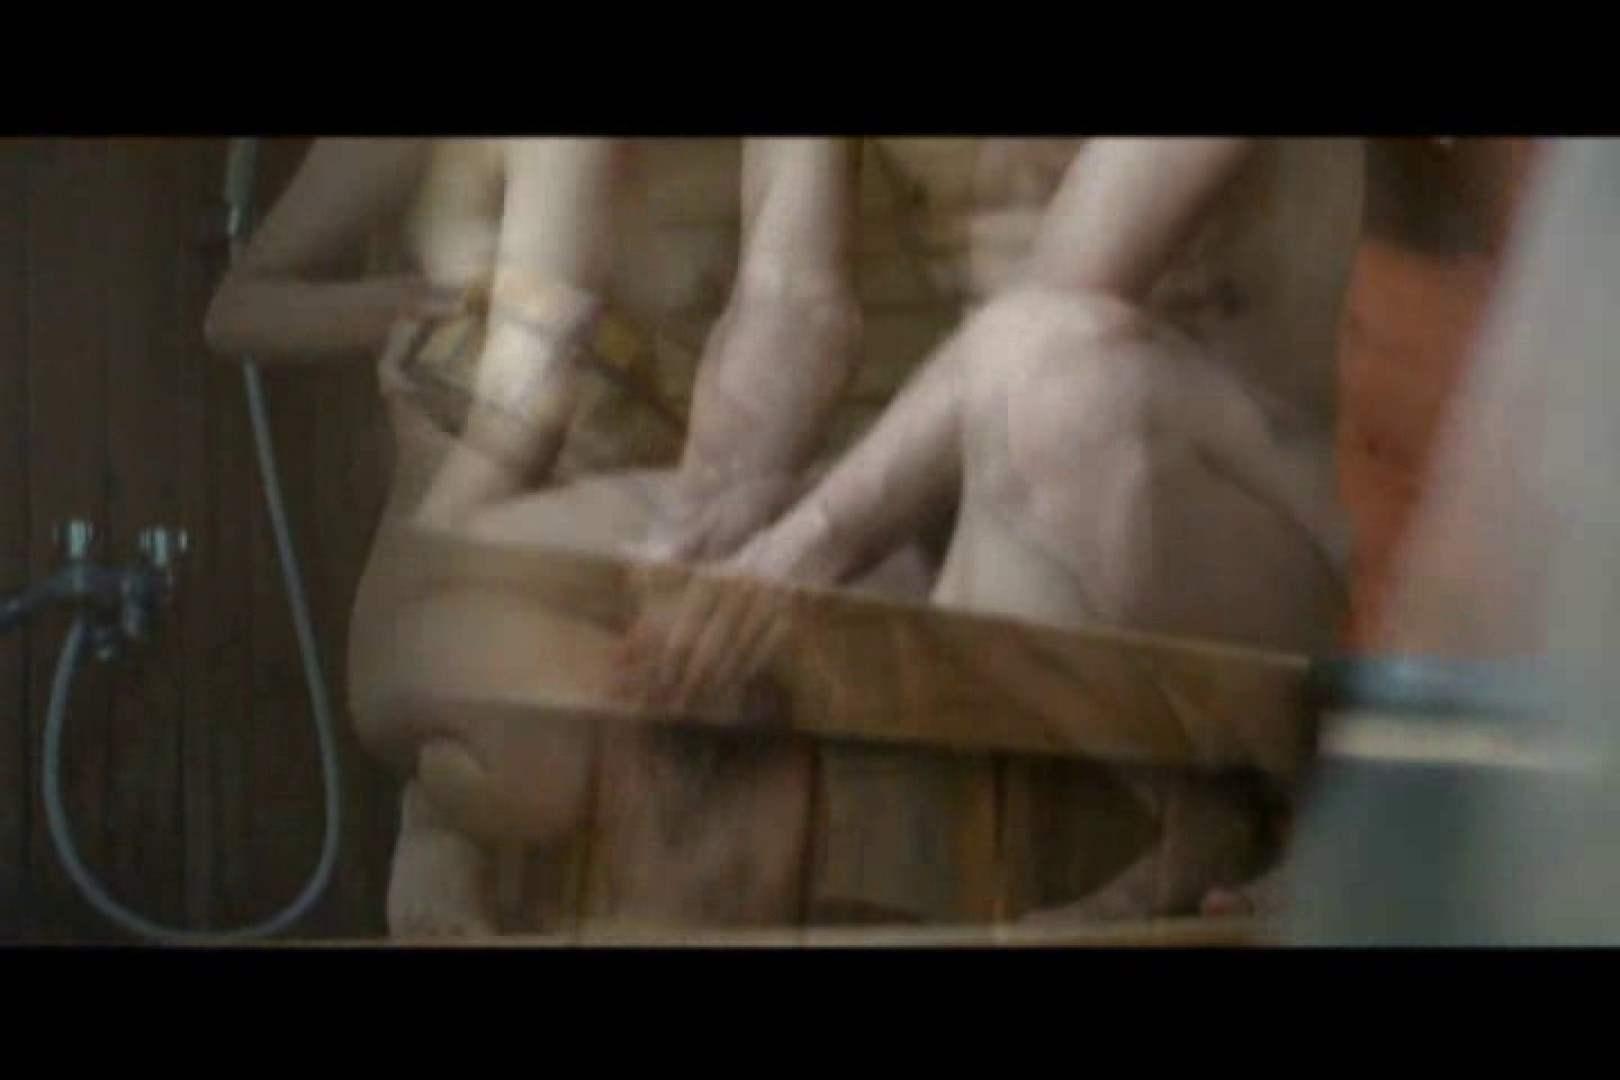 貸切露天 発情カップル! vol.01 露天風呂の女達 | カップルのセックス  101連発 28